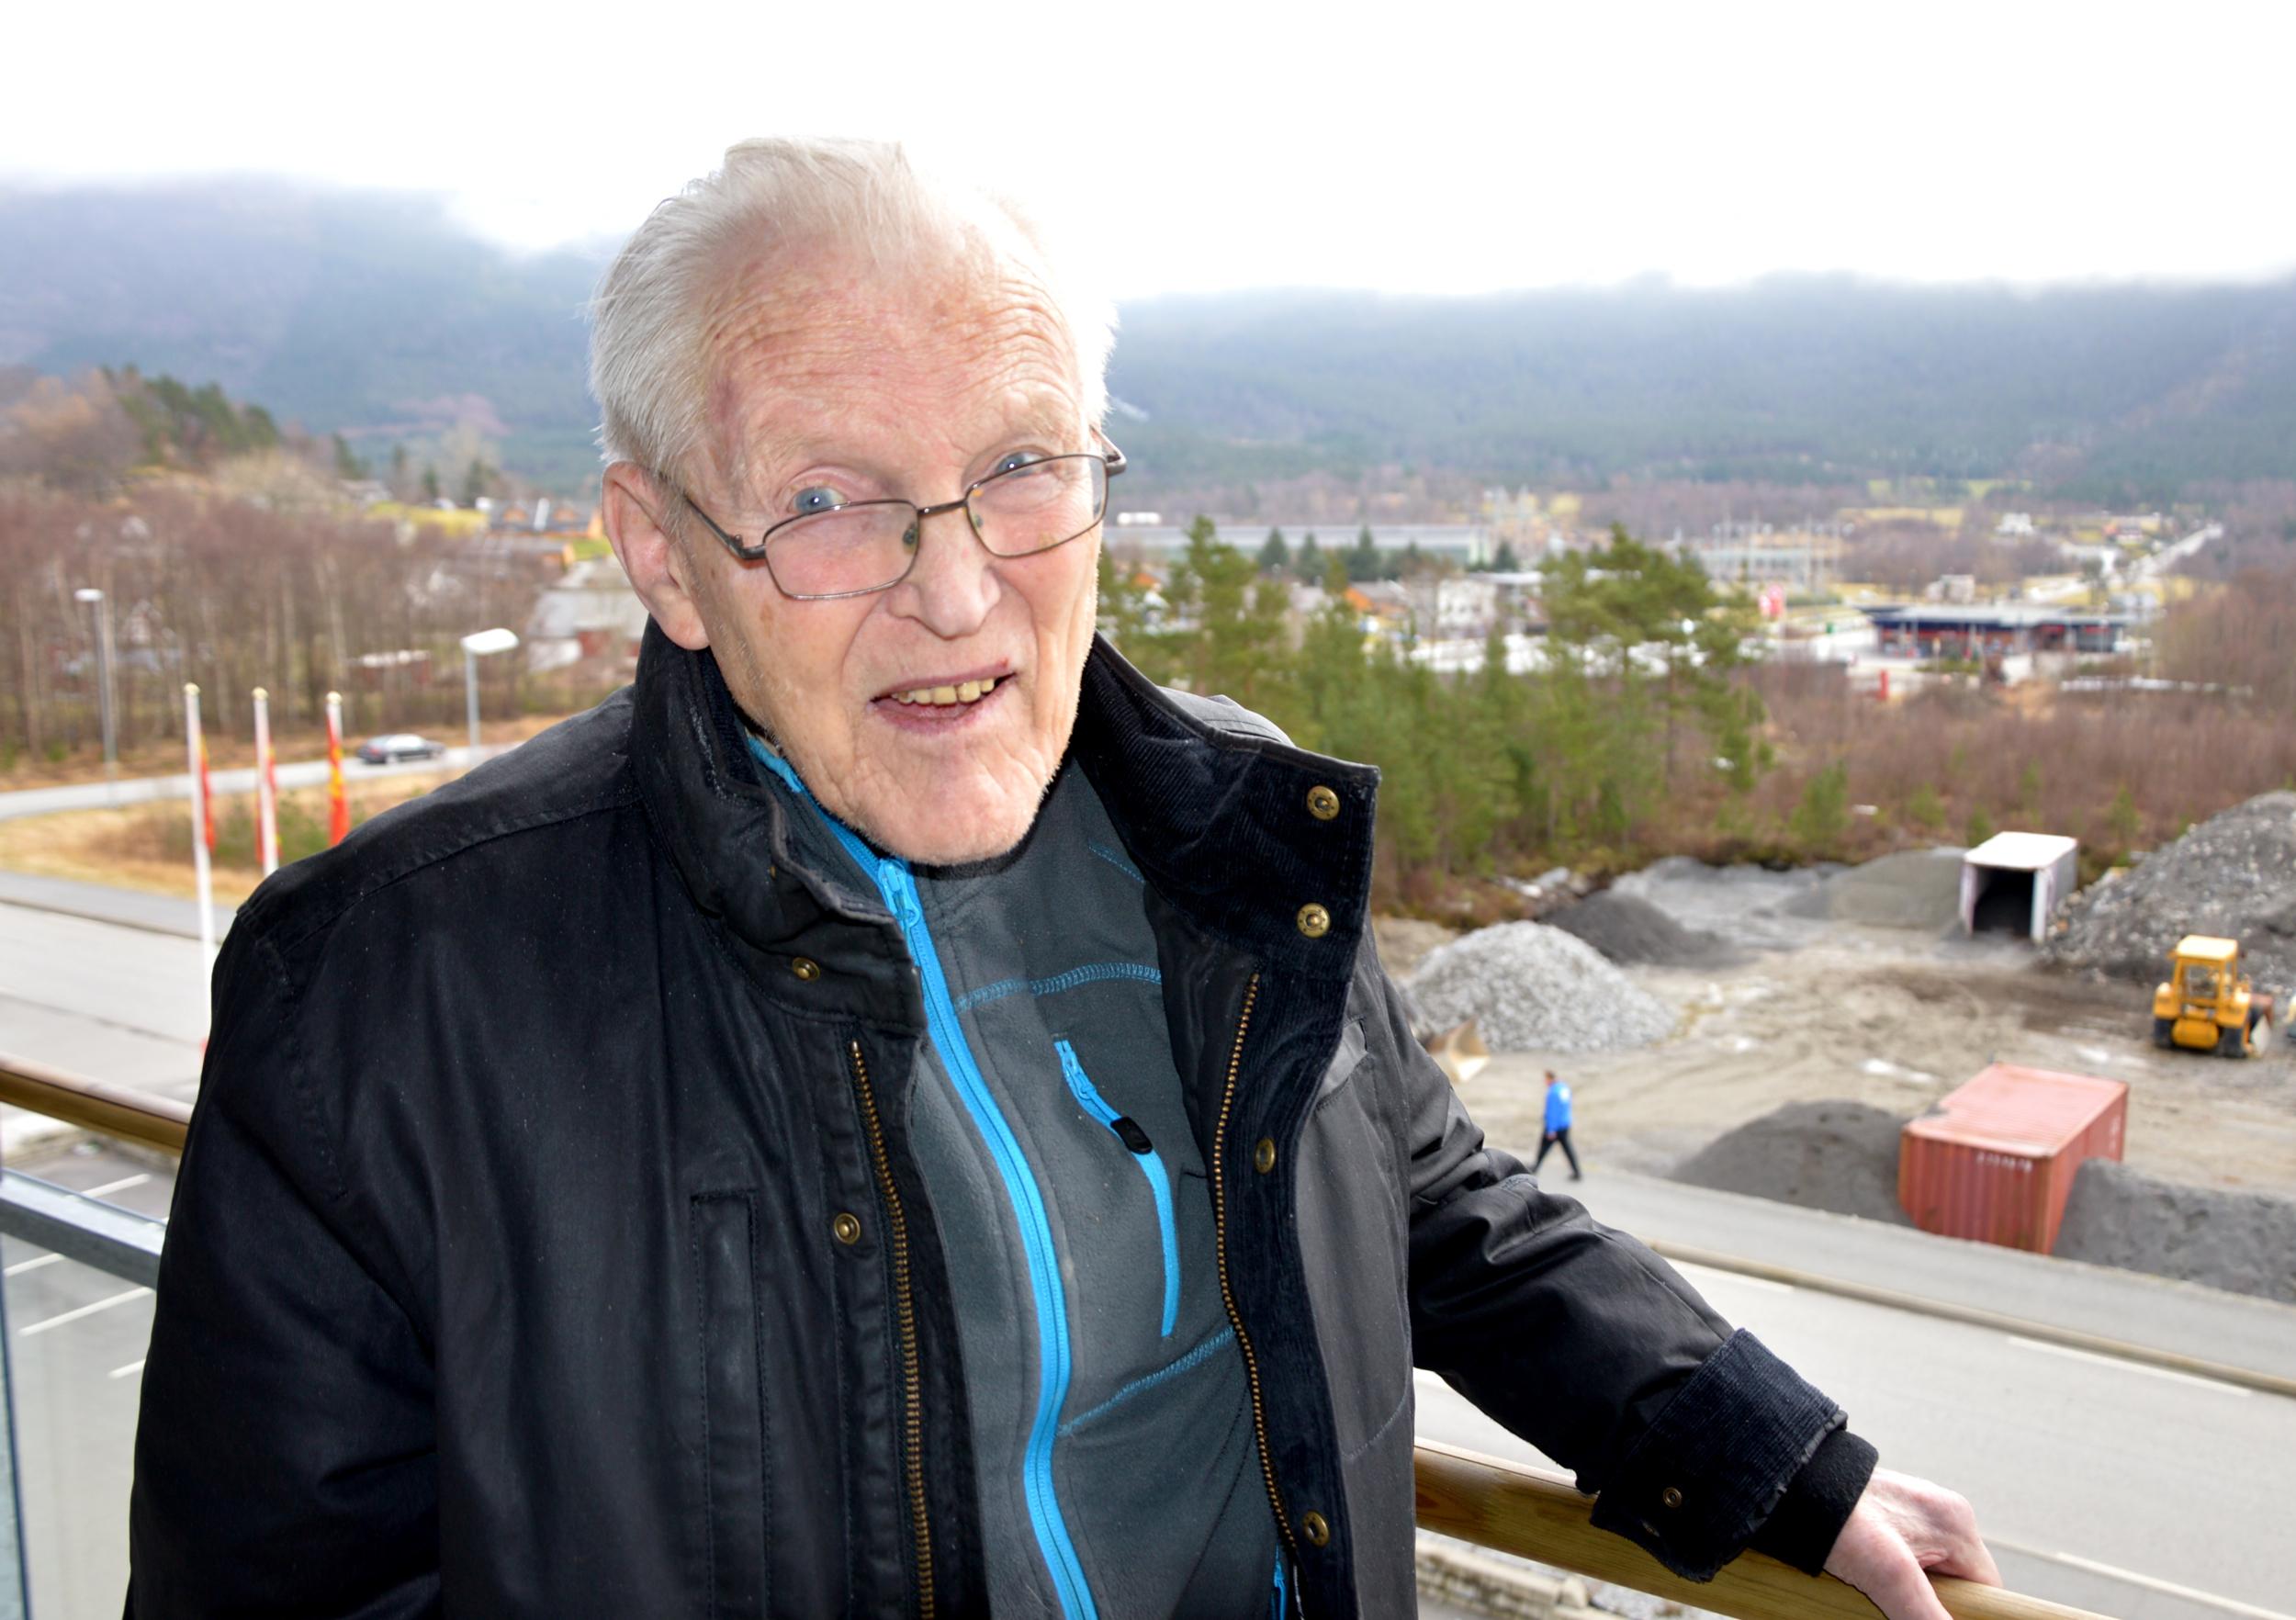 Den gamle innkjøpssjefen har tru på framtida for SØRAL. Frå stoveglaset har han god utsikt til sin gamle arbeidsplass.